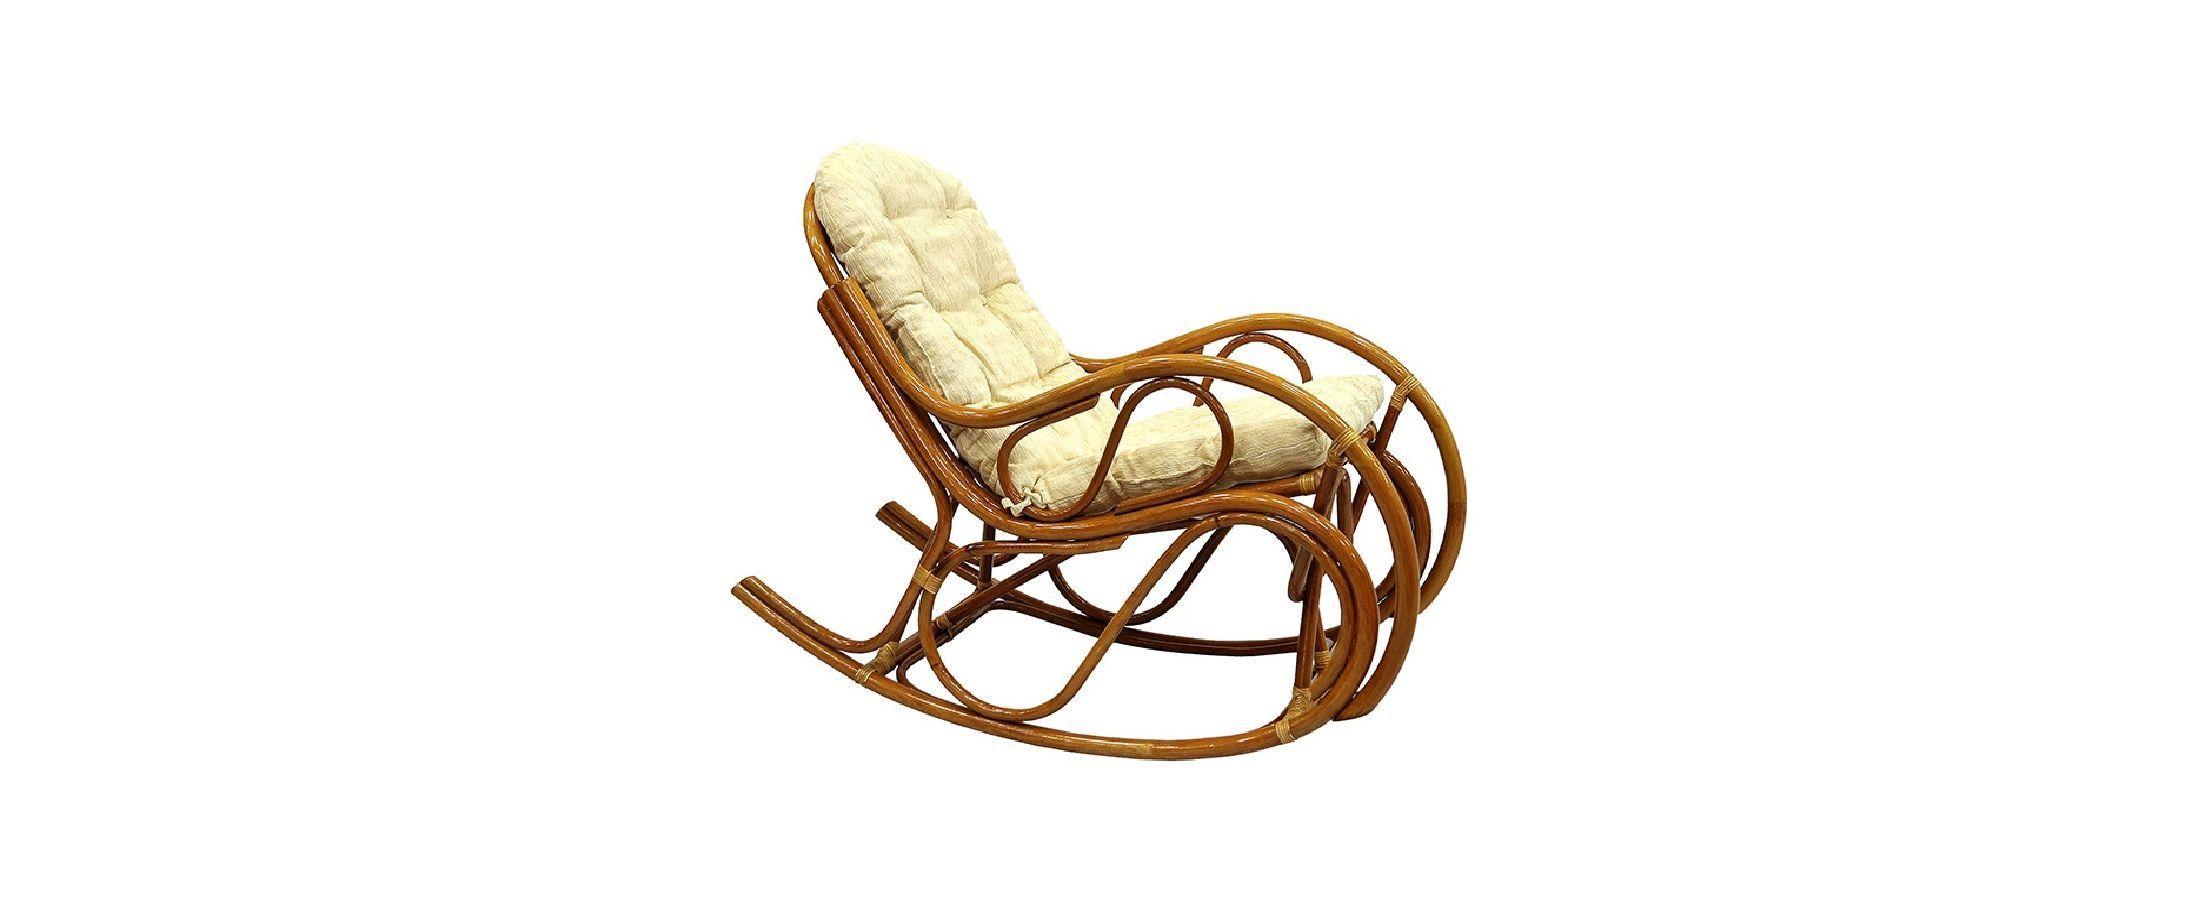 Кресло-качалка 05/04 KКресло-качалка 05/04 K<br>